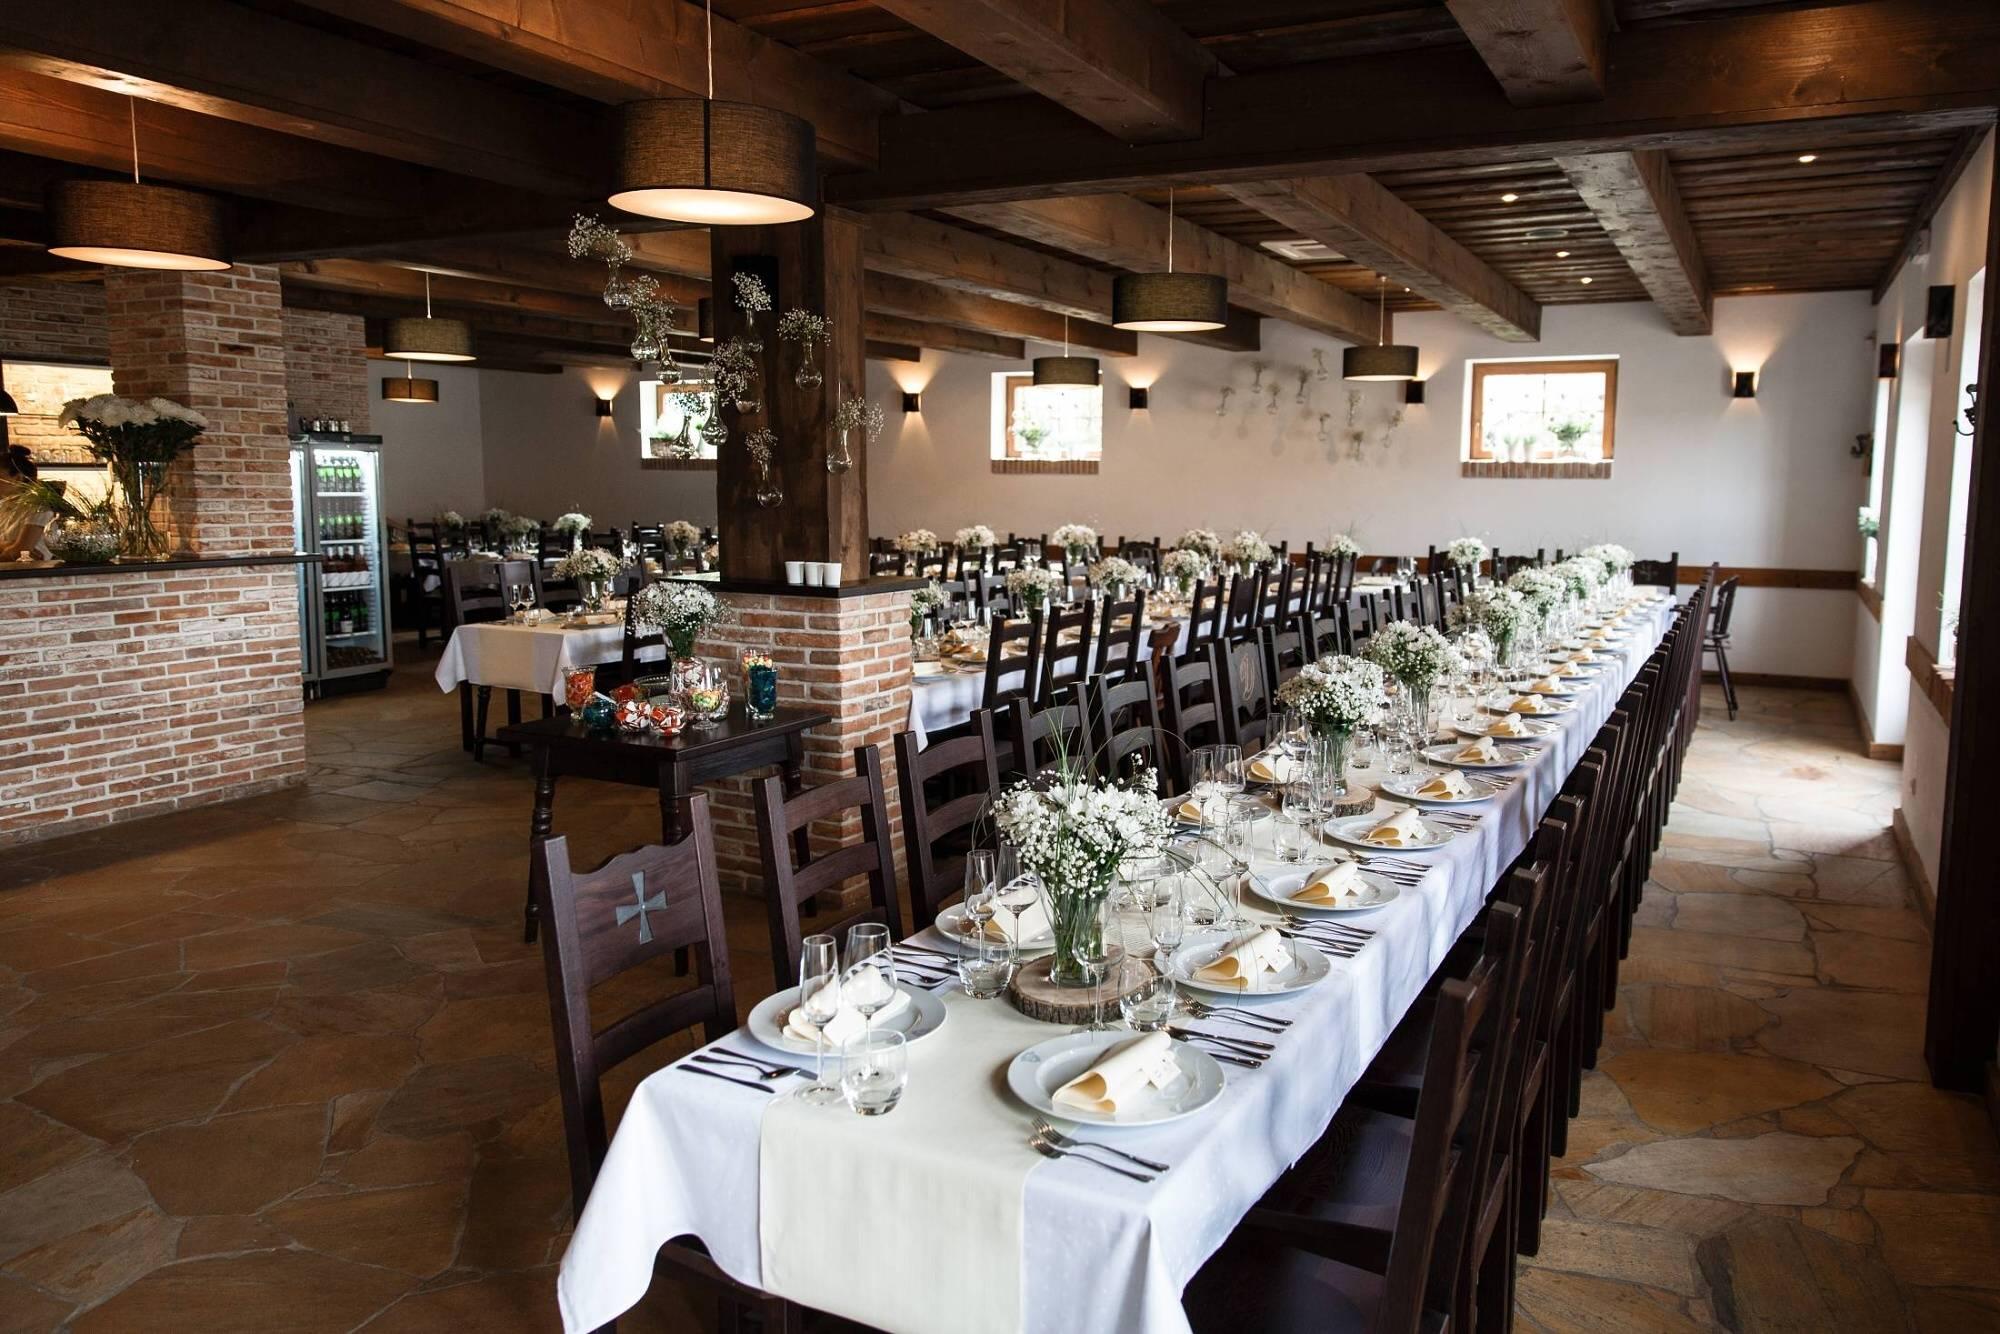 Vinařství Dobrovolný - svatby a jiné akce